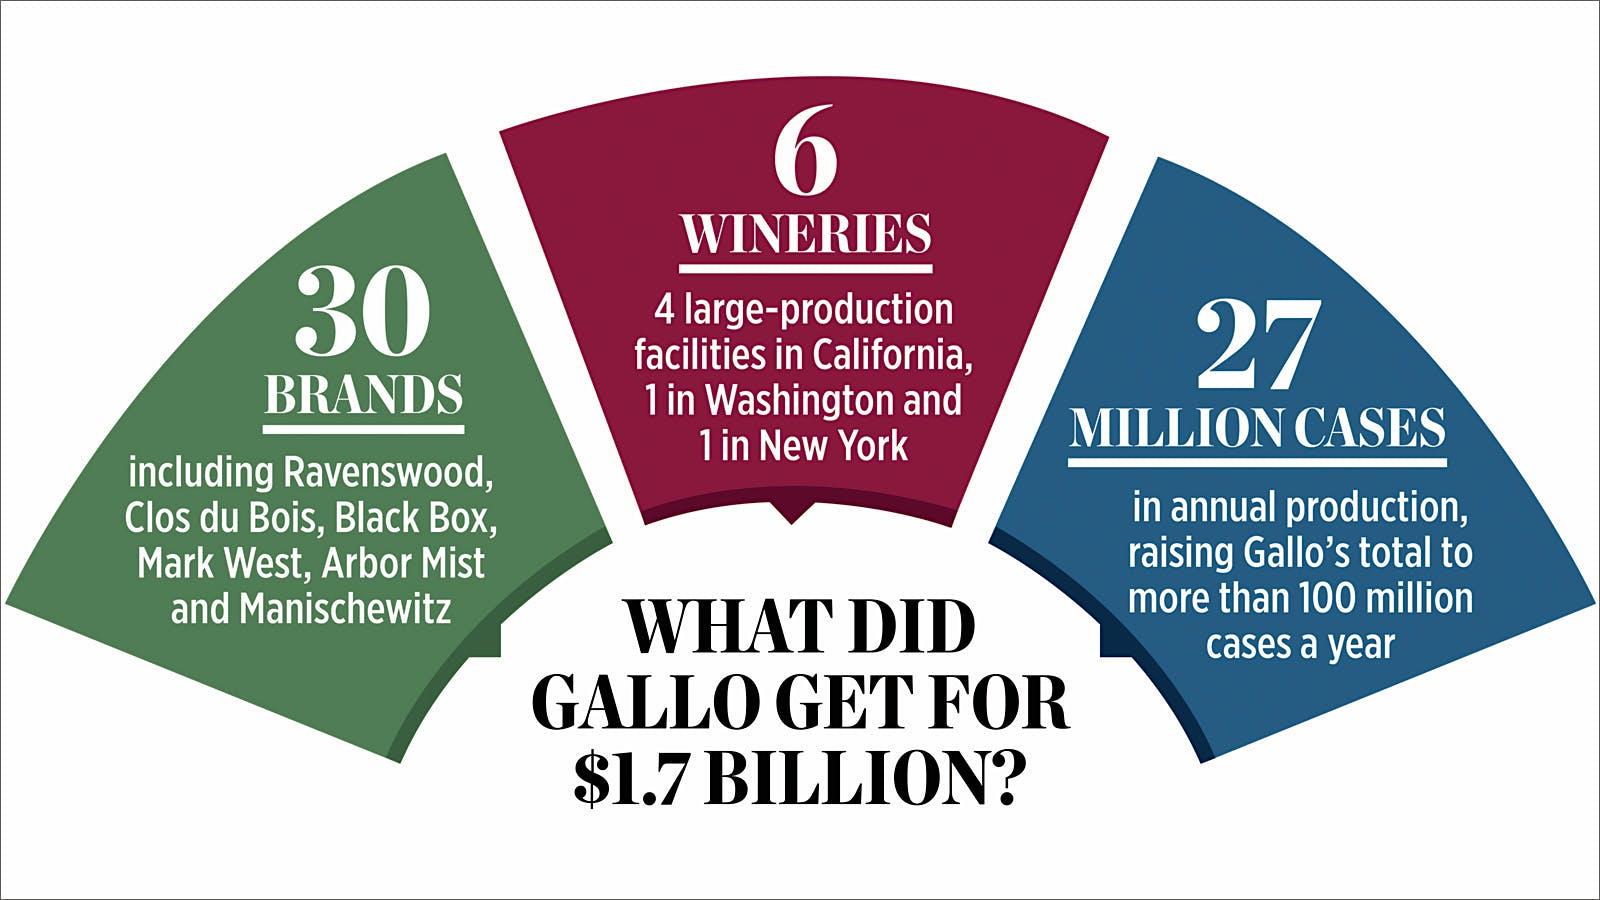 Wine Giants Strike $1.7 Billion Deal